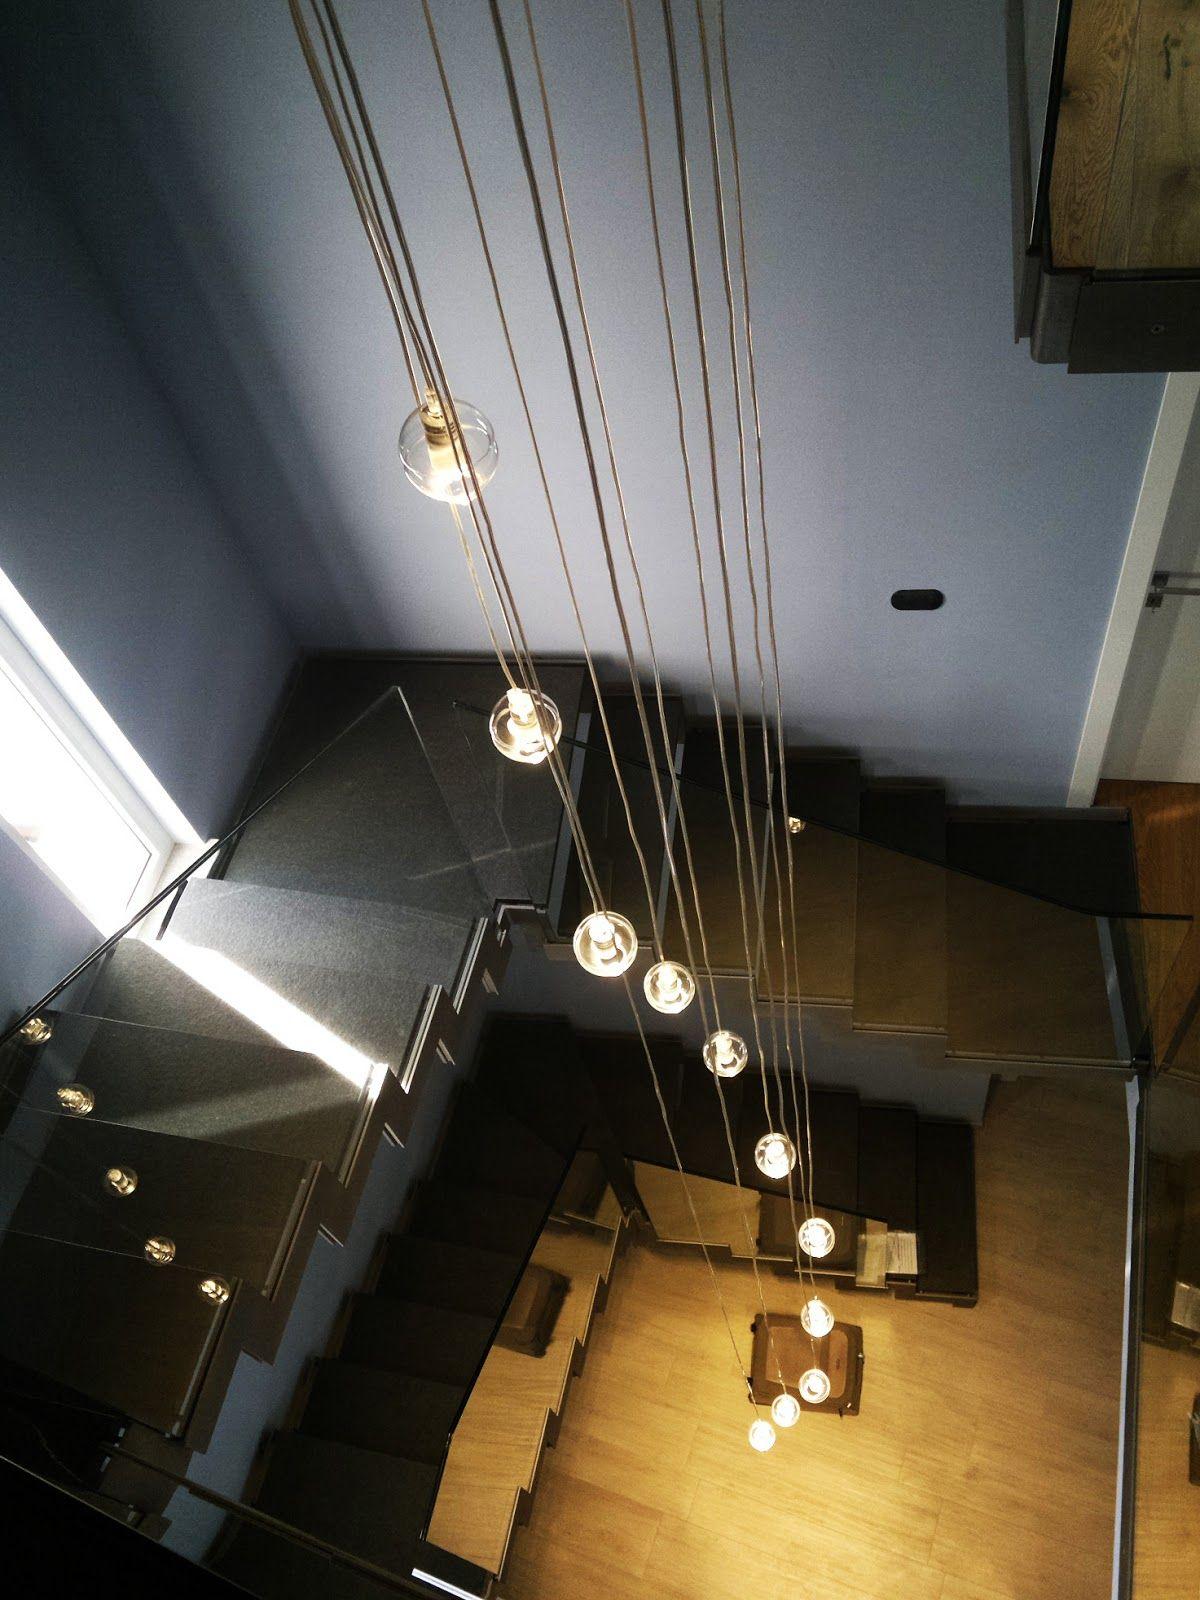 Lampade Sospese A Led.Risultati Immagini Per Illuminazione Scale Con Lampade